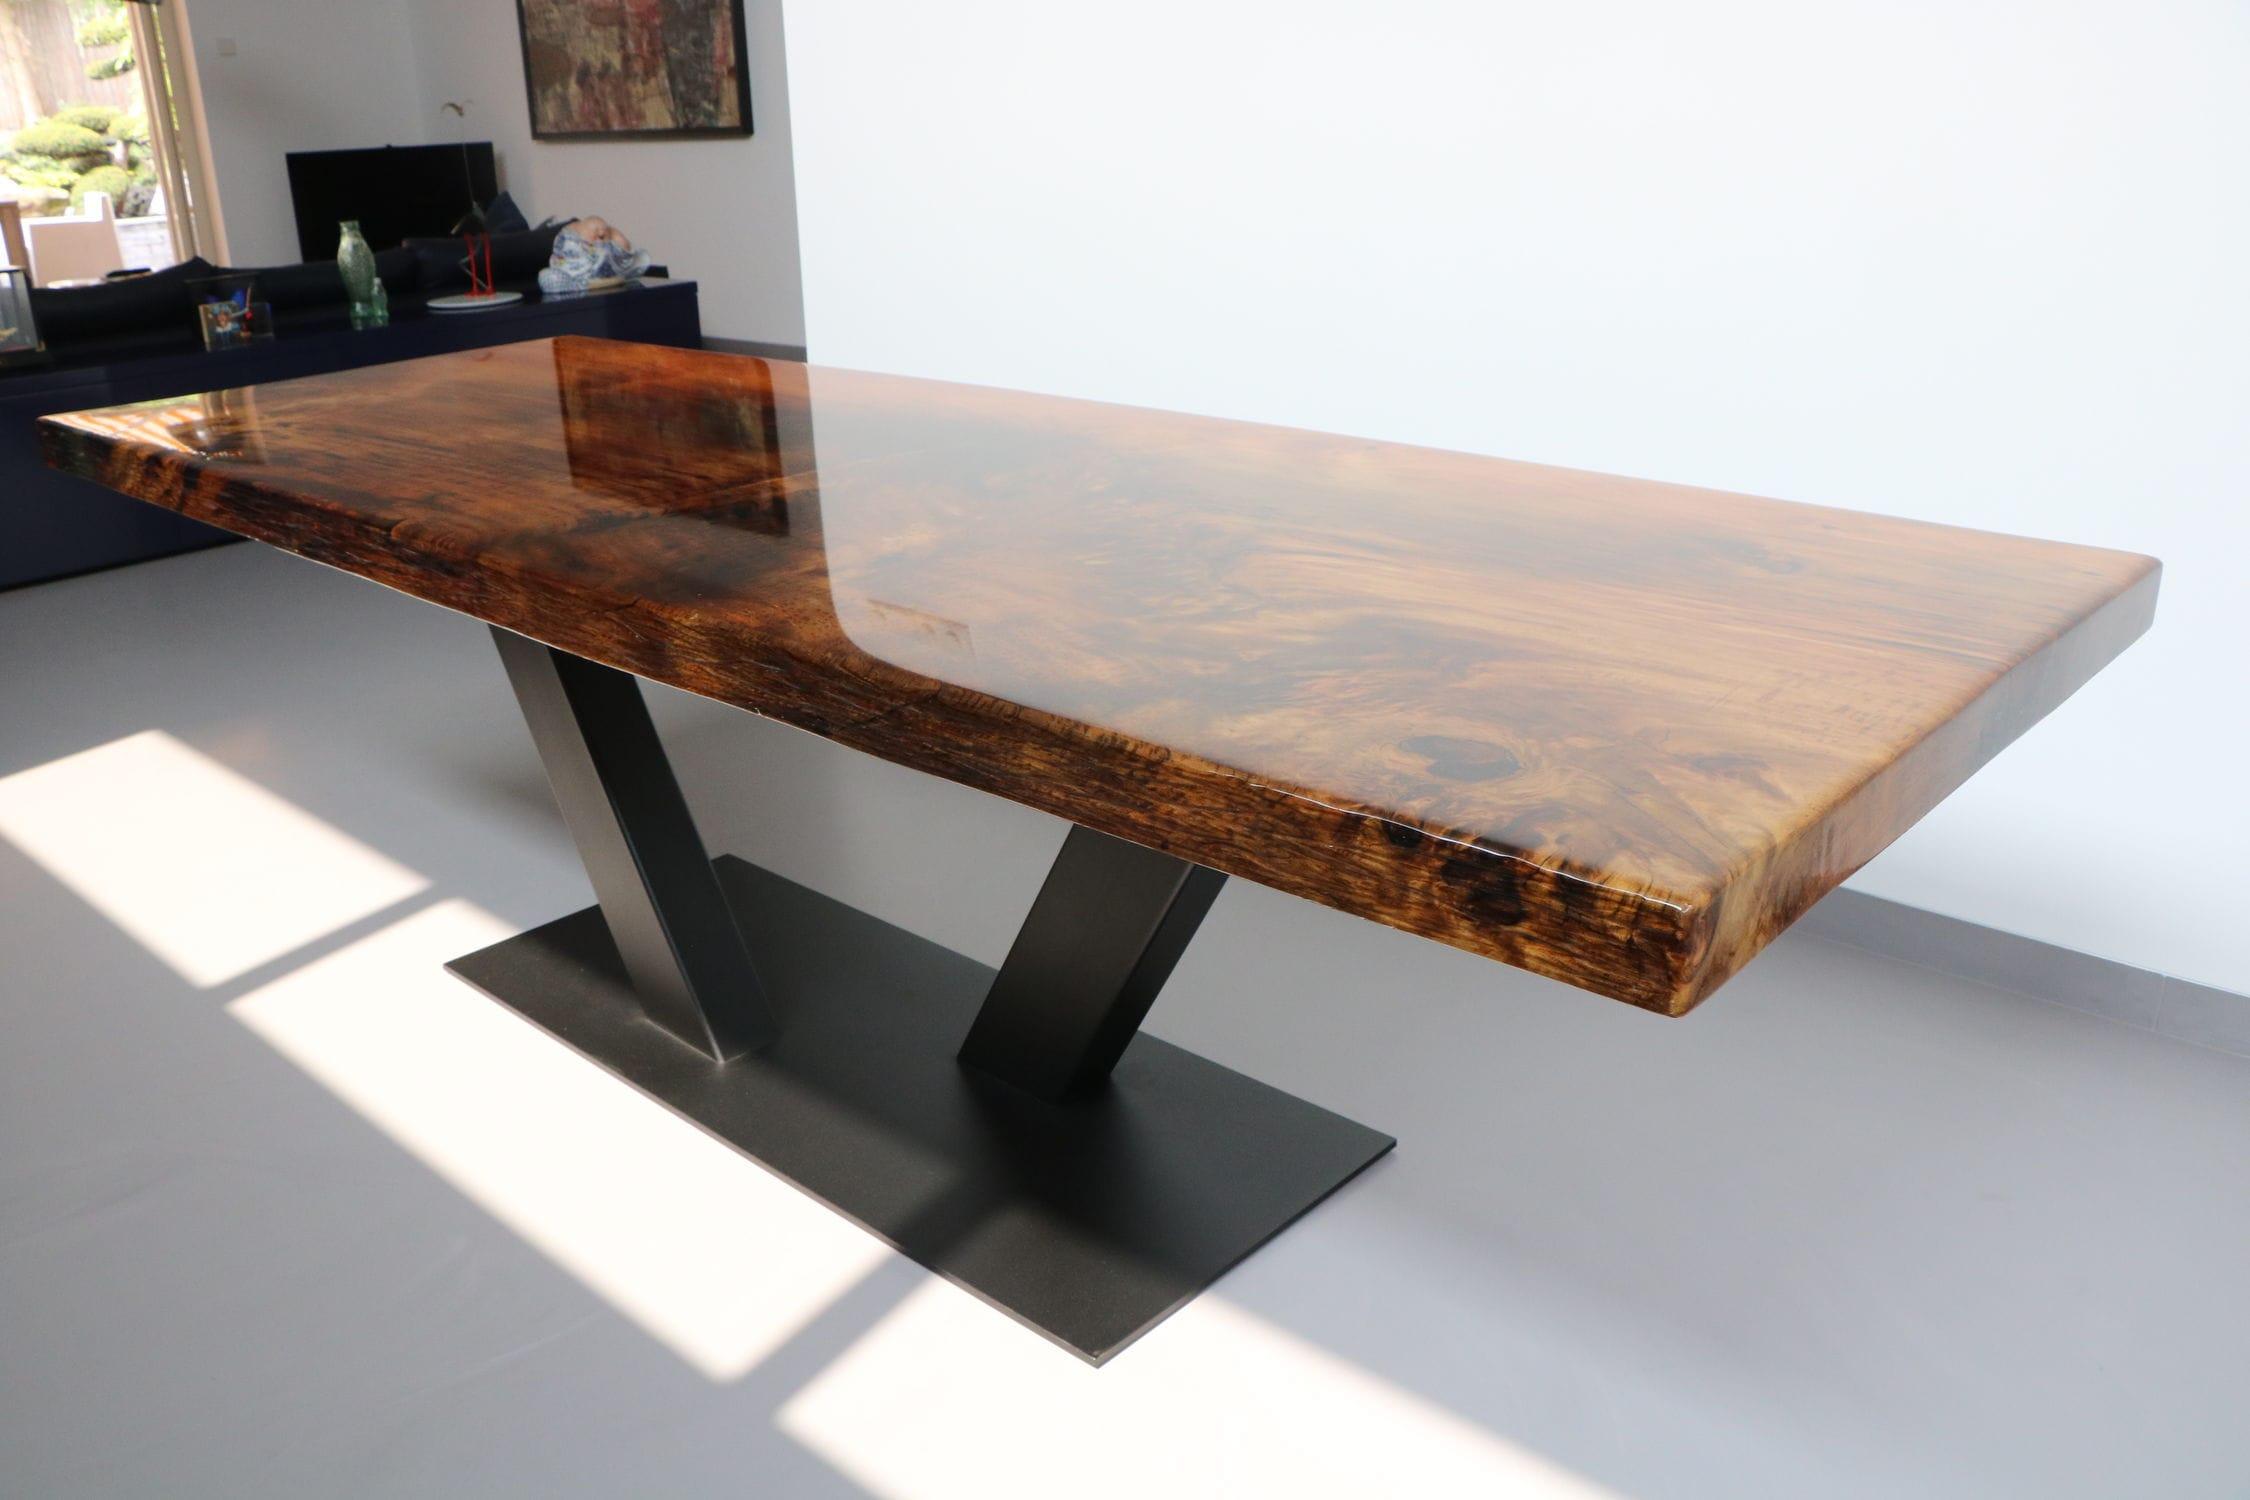 Tavolo da pranzo moderno in legno massiccio in legno laccato